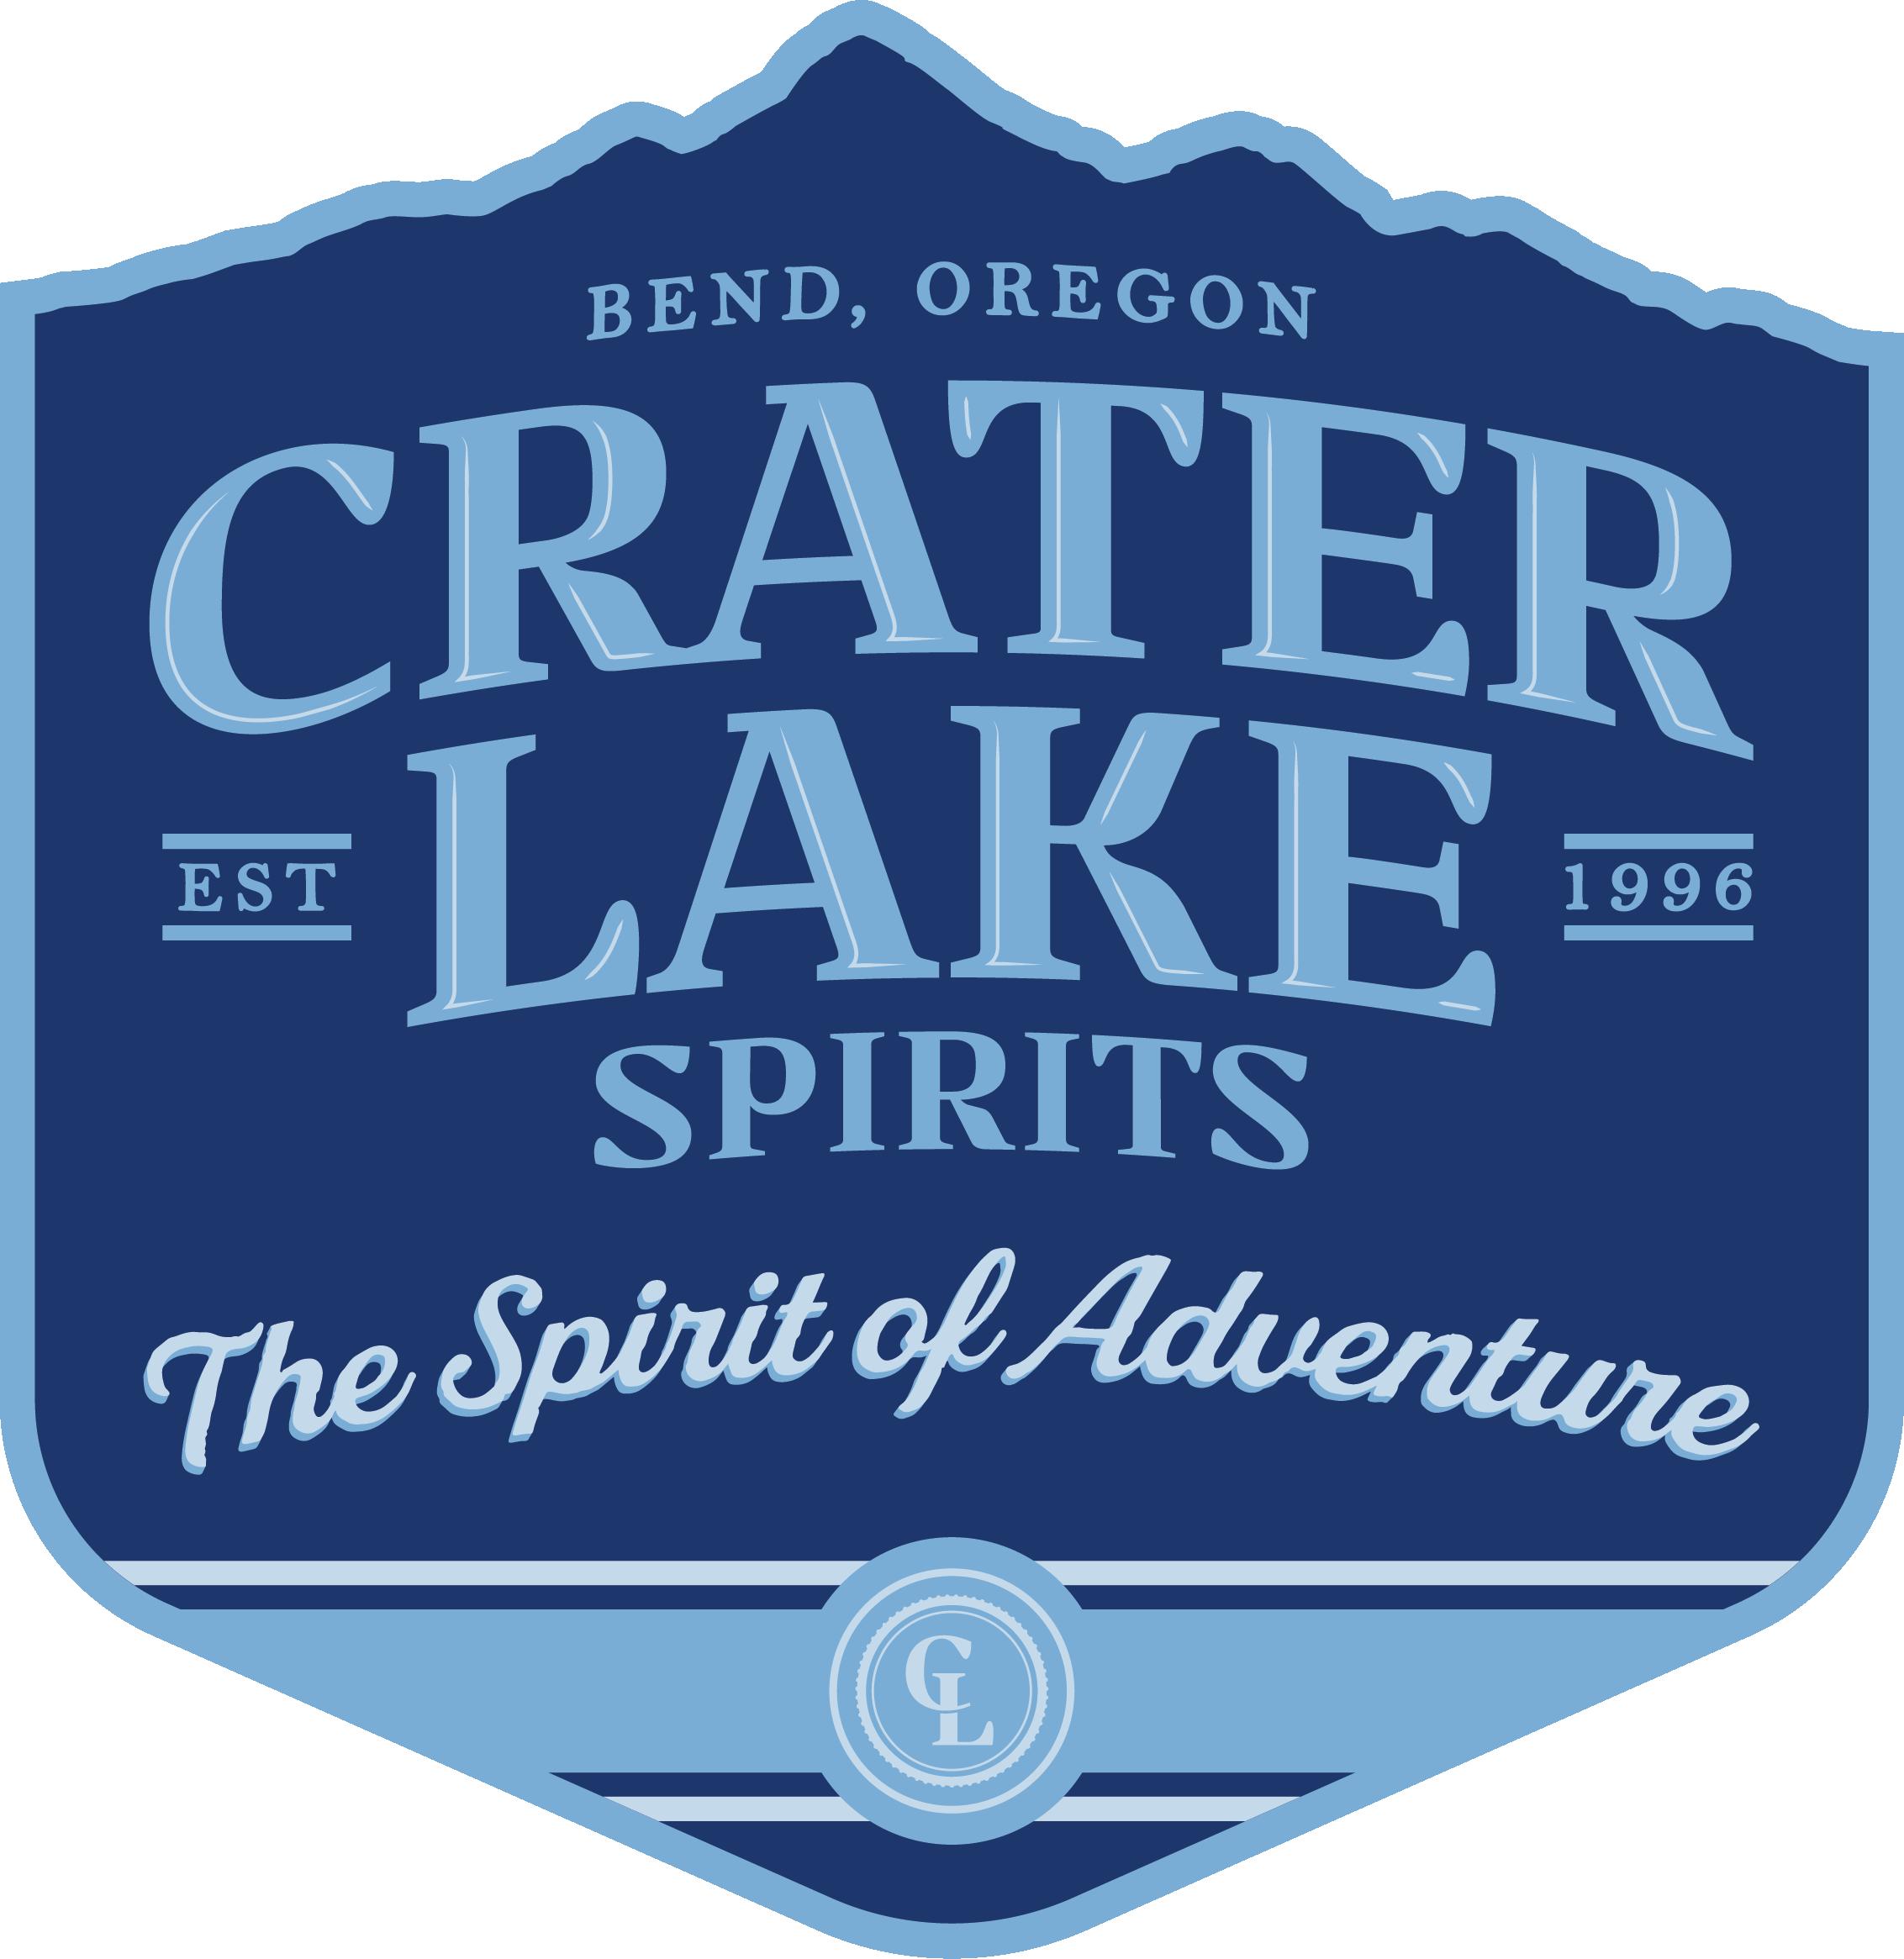 Crater Lake Spirits